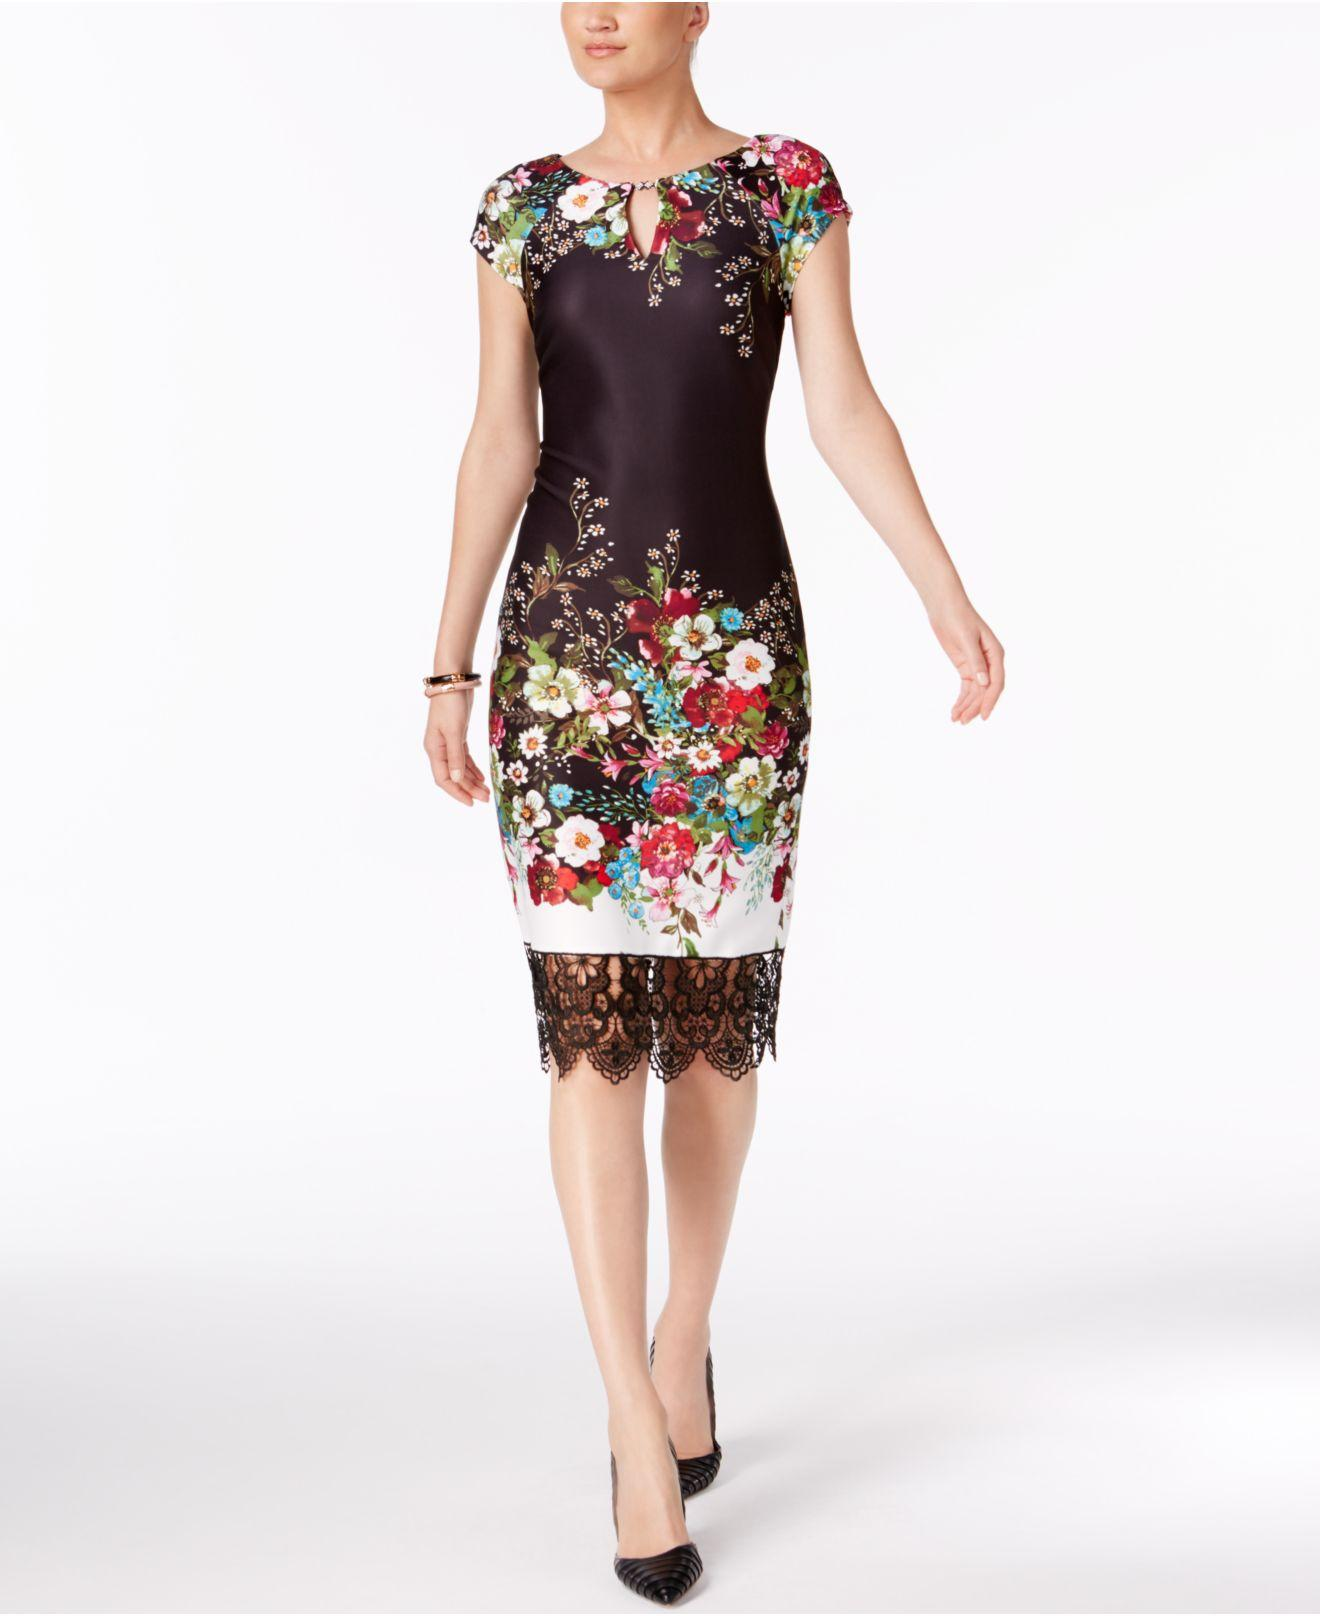 897e9d1557 Eci Lace-trim Sheath Dress in Black - Lyst